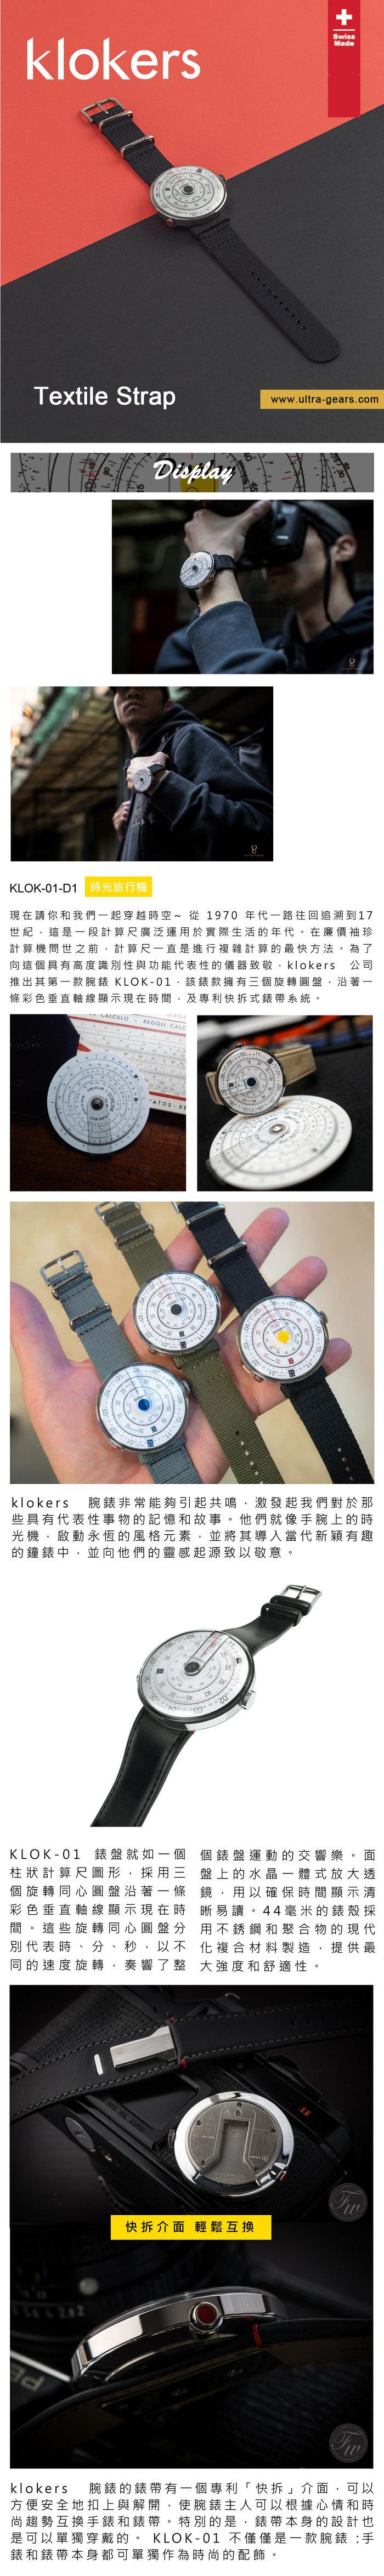 klokers | KLOK-01-D2錶頭 灰色 - 尼龍錶帶